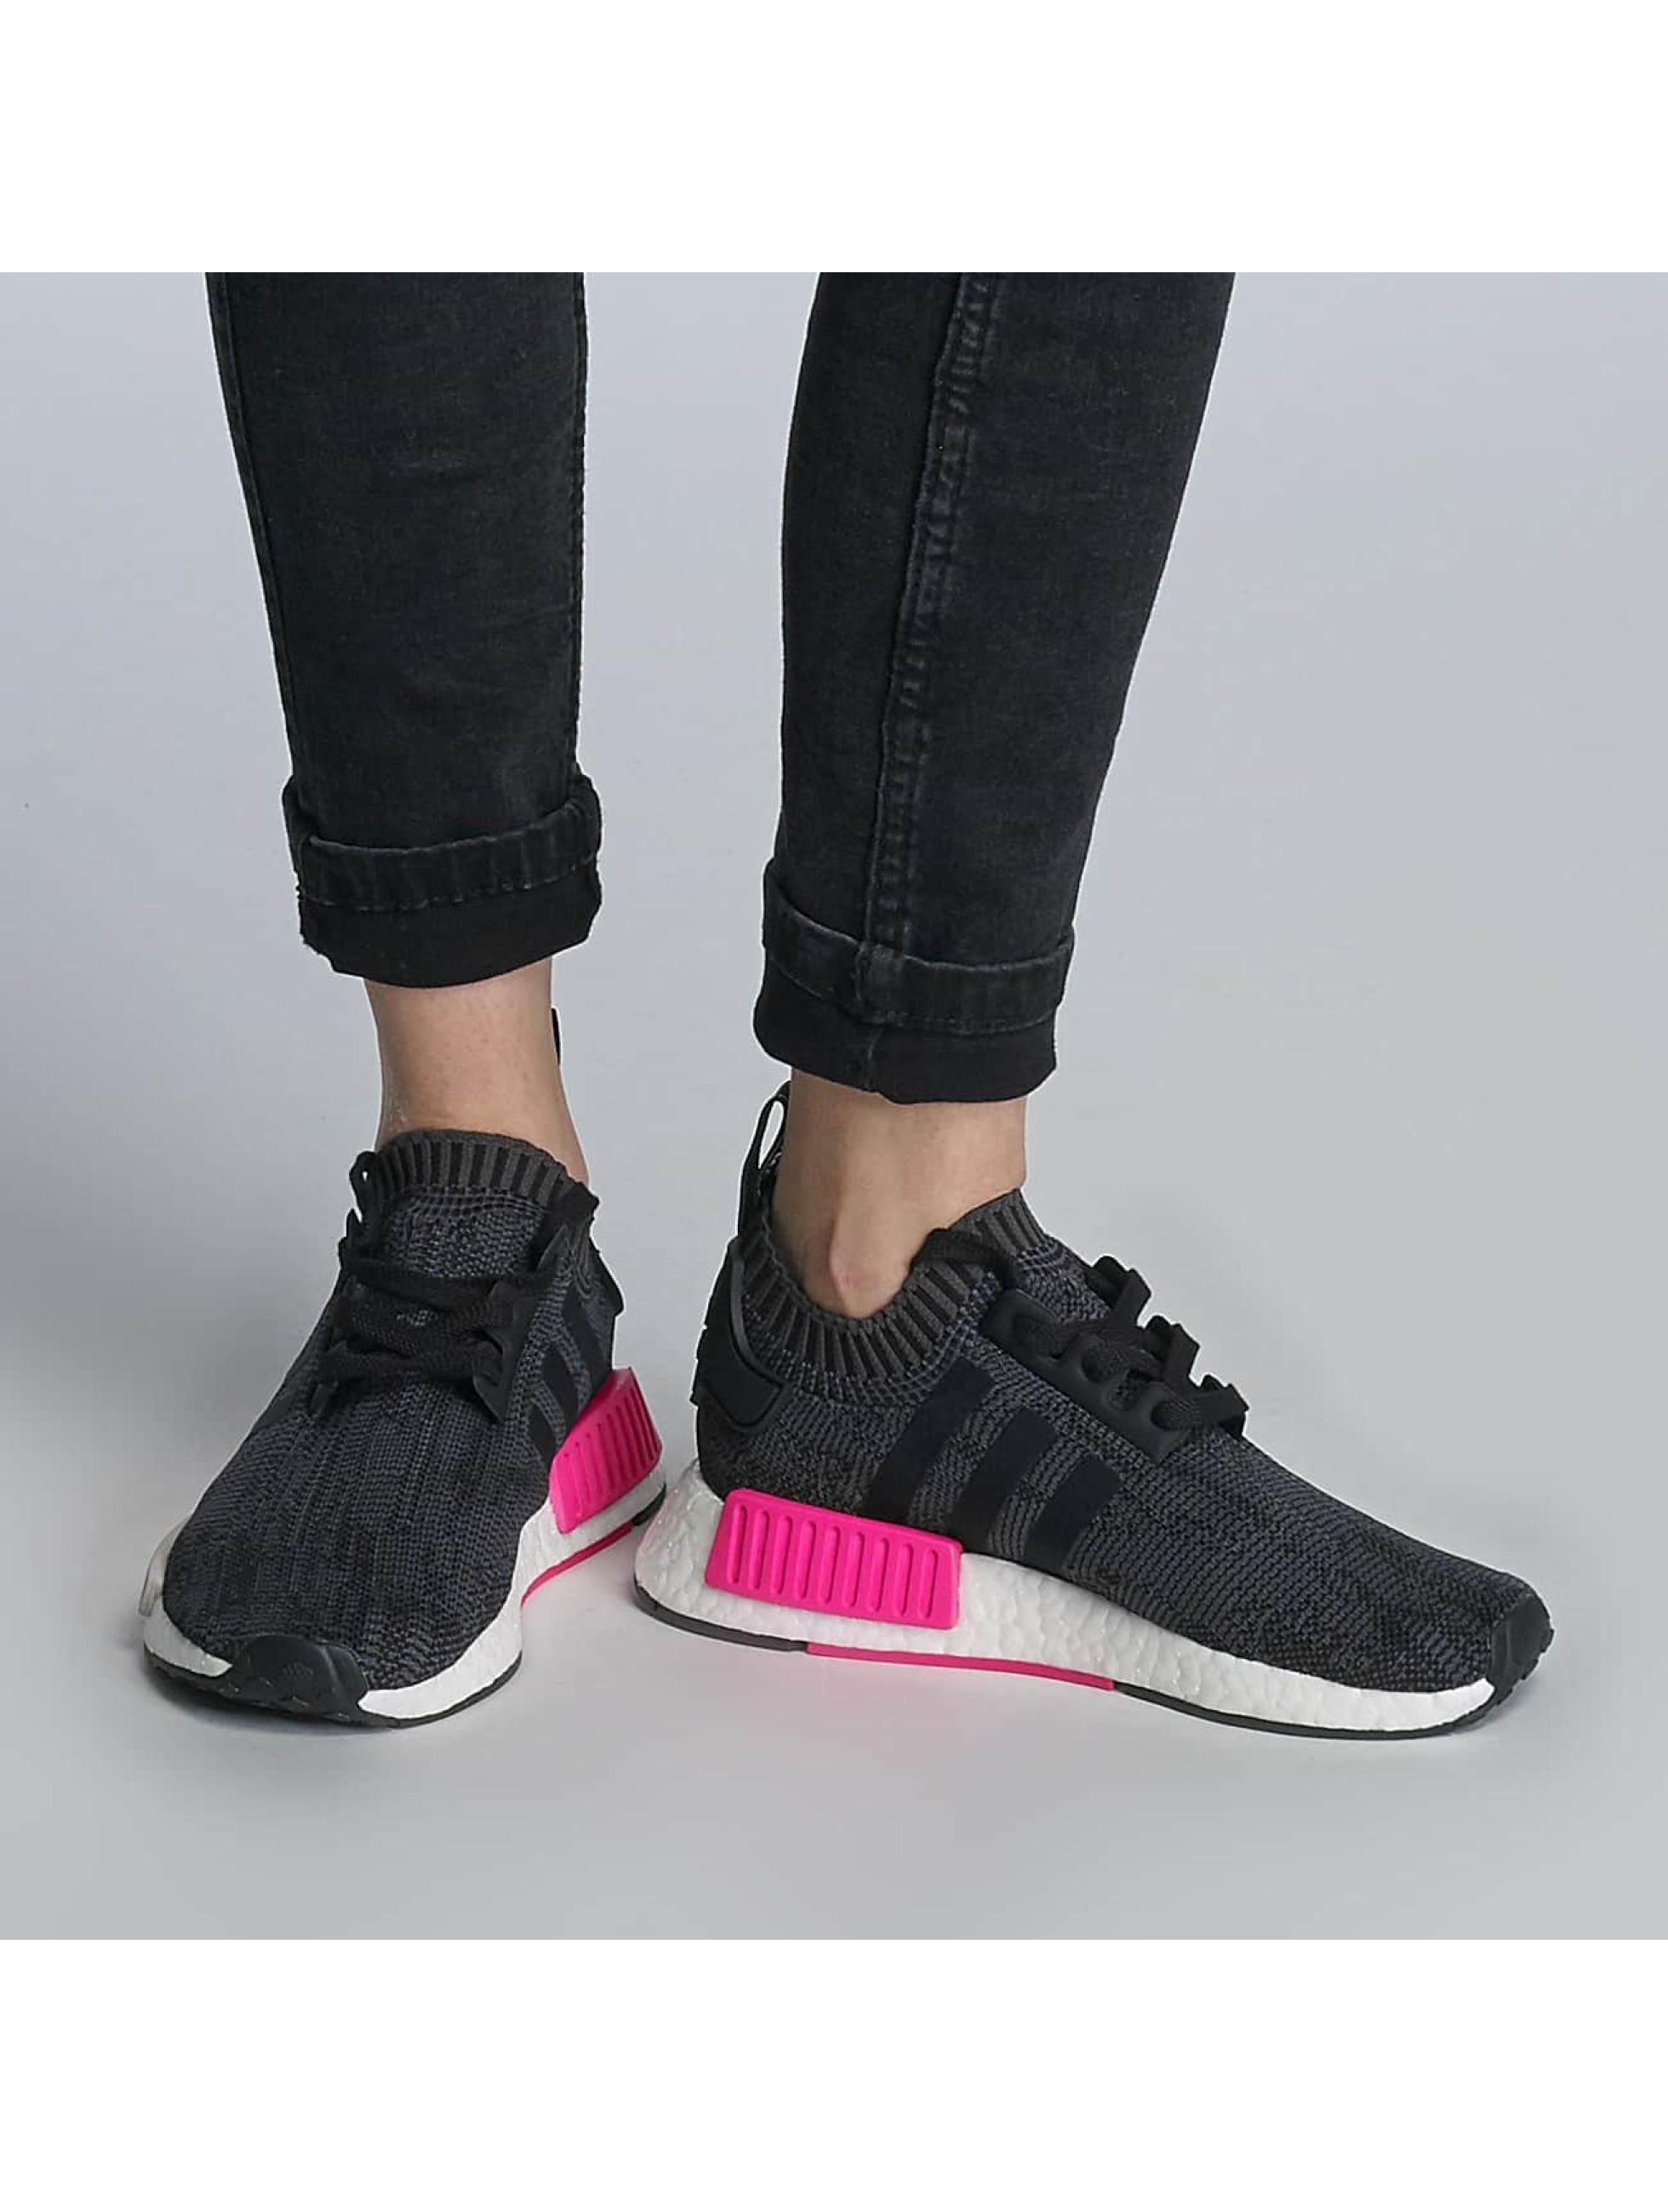 Sneaker NMD R1 Primeknit in schwarz